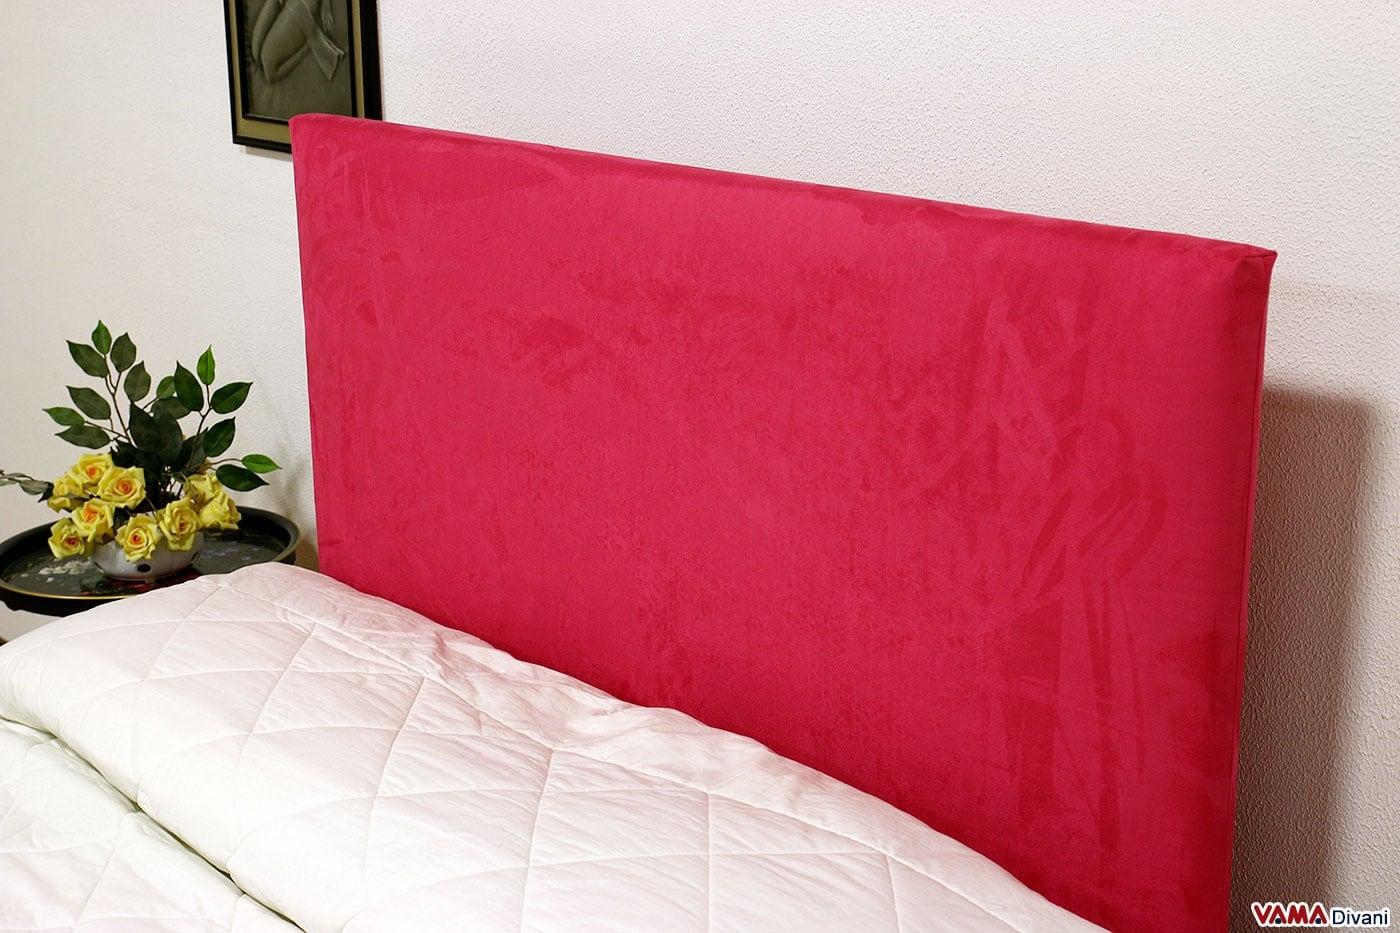 Spalliera letto semplice in microfibra sfoderabile